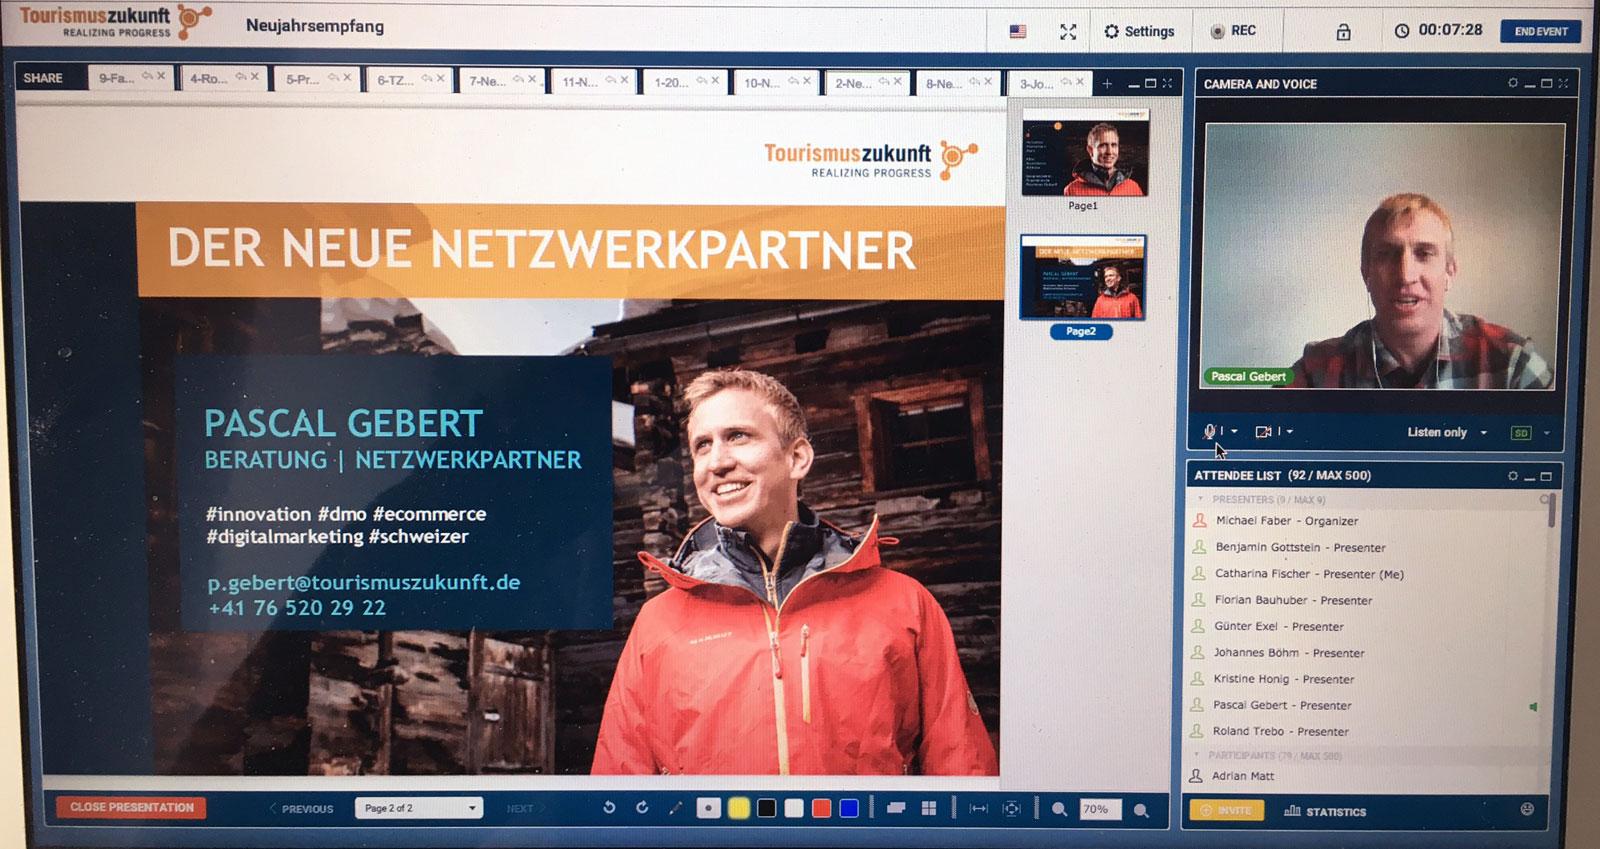 Pascal Gebert, der Schweizer im Team von Tourismuszukunft stellt sich vor